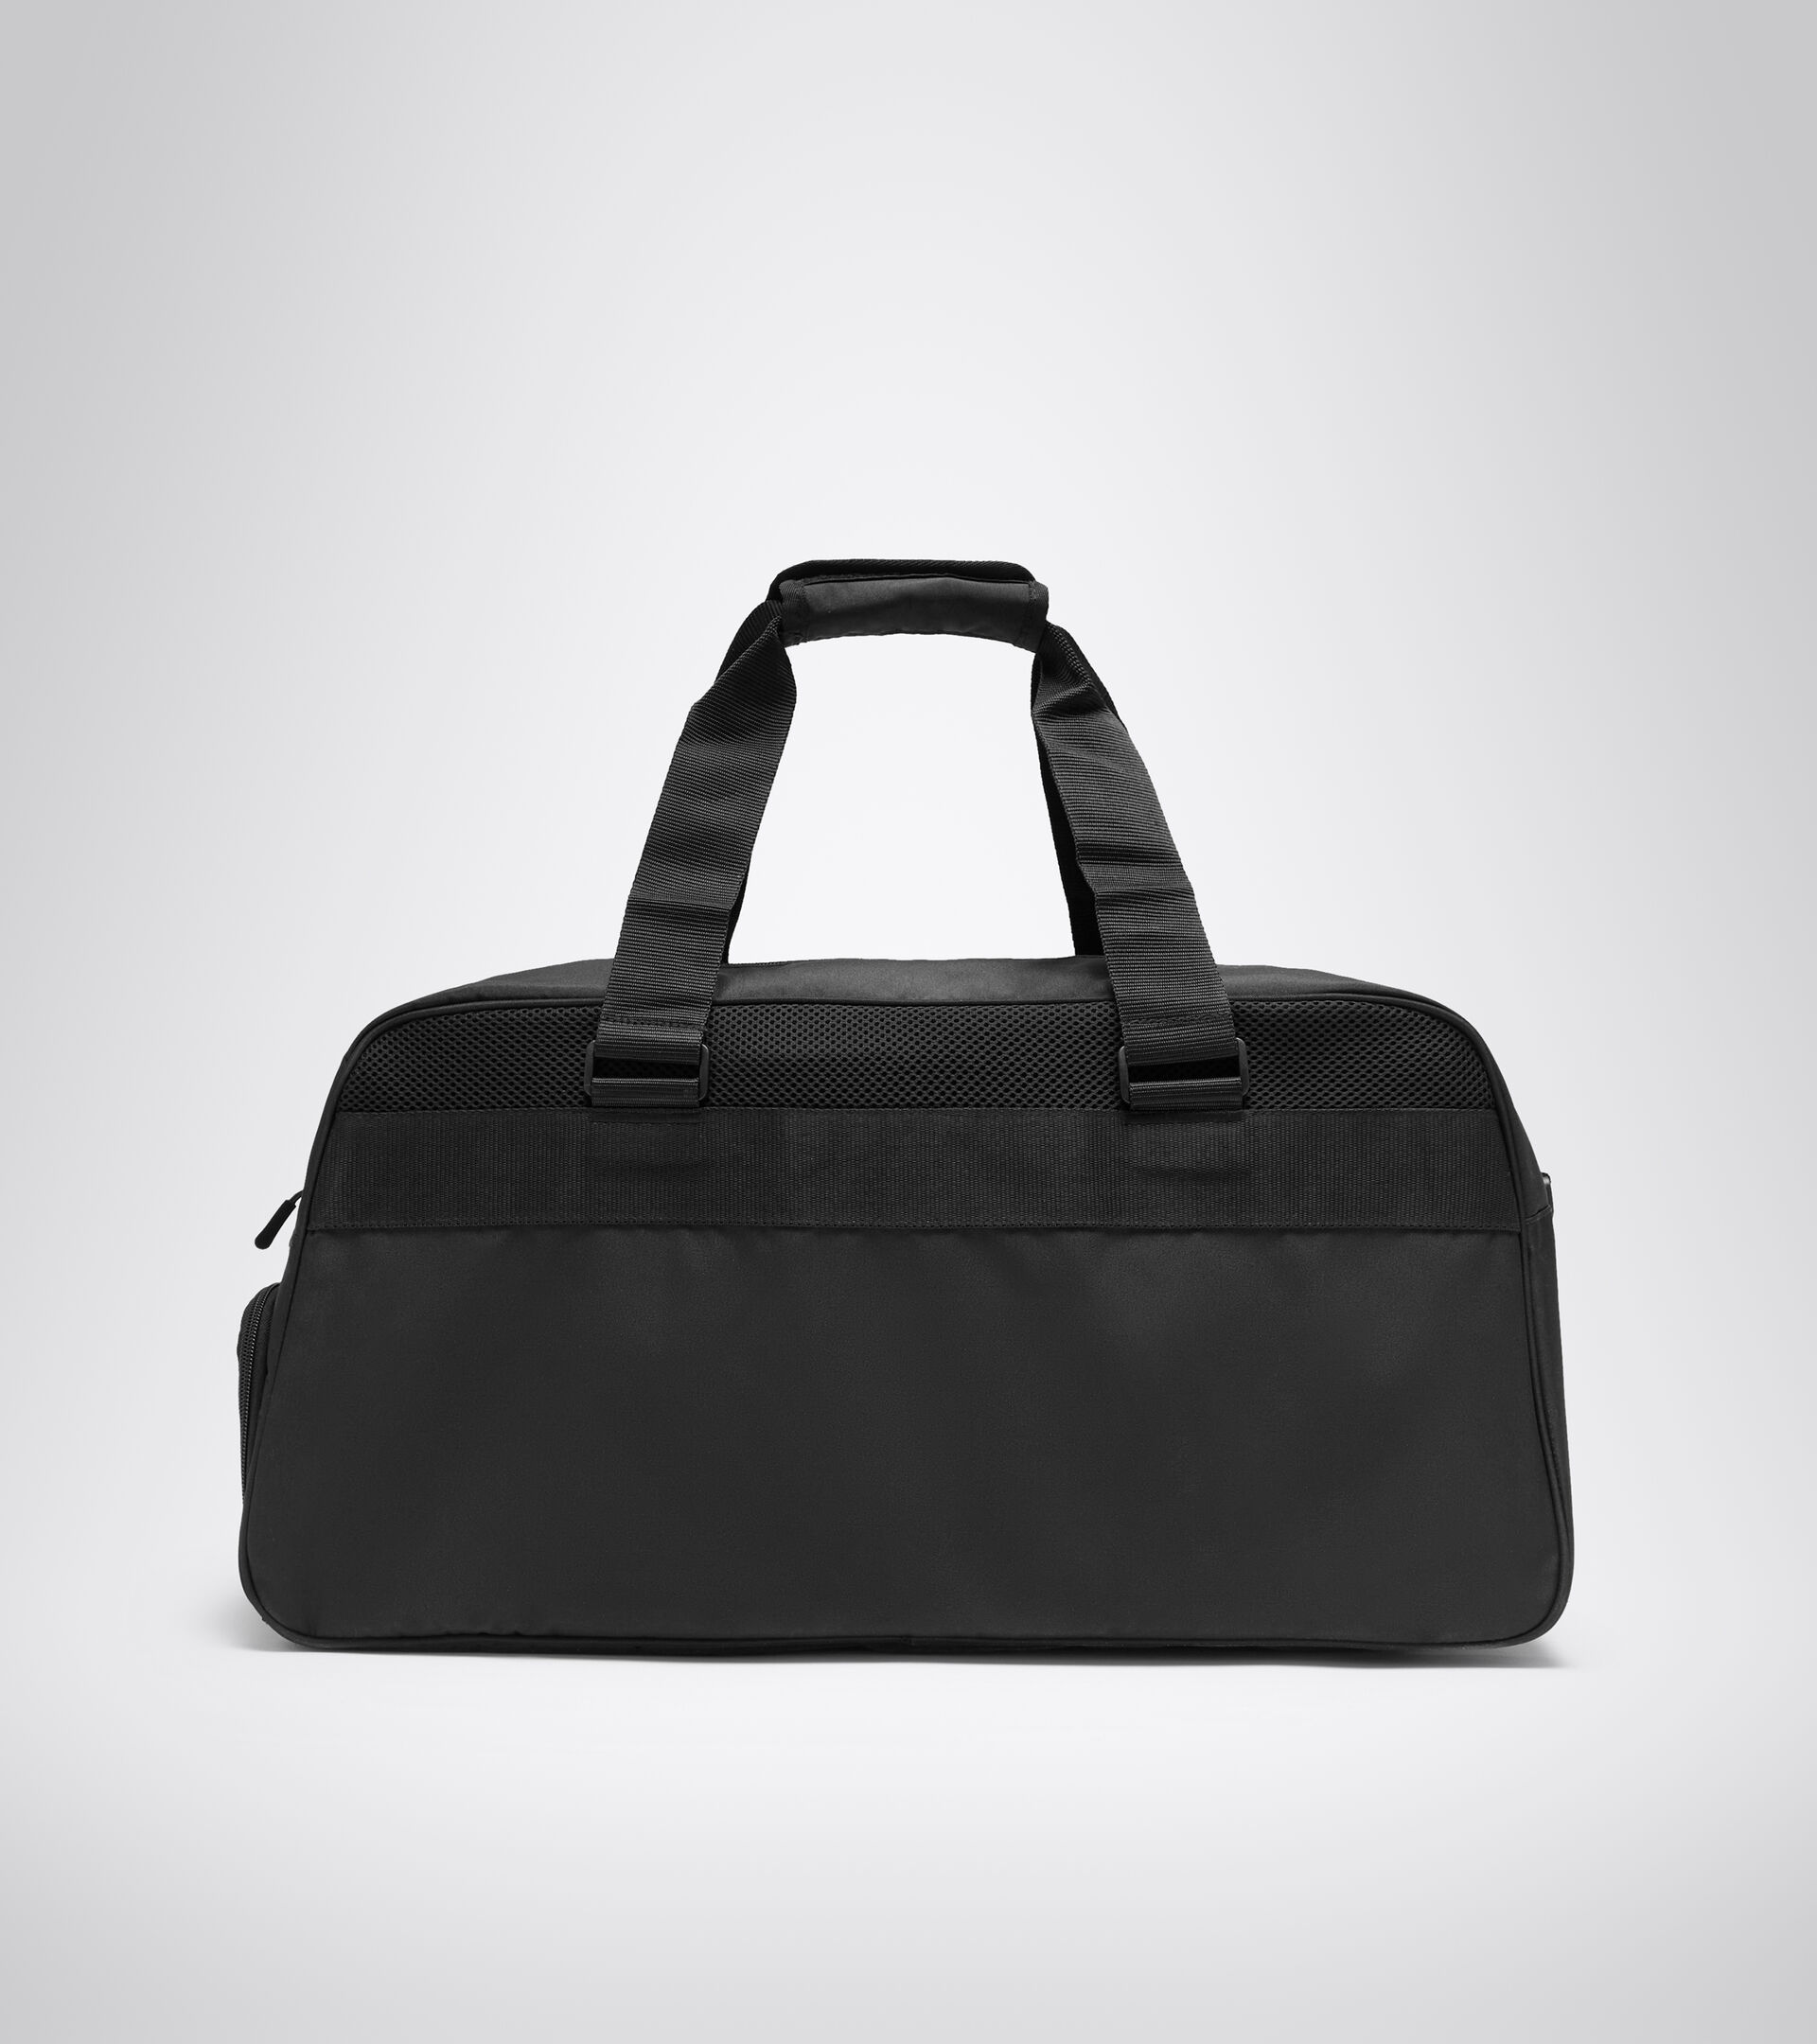 Training bag BAG TENNIS BLACK - Diadora